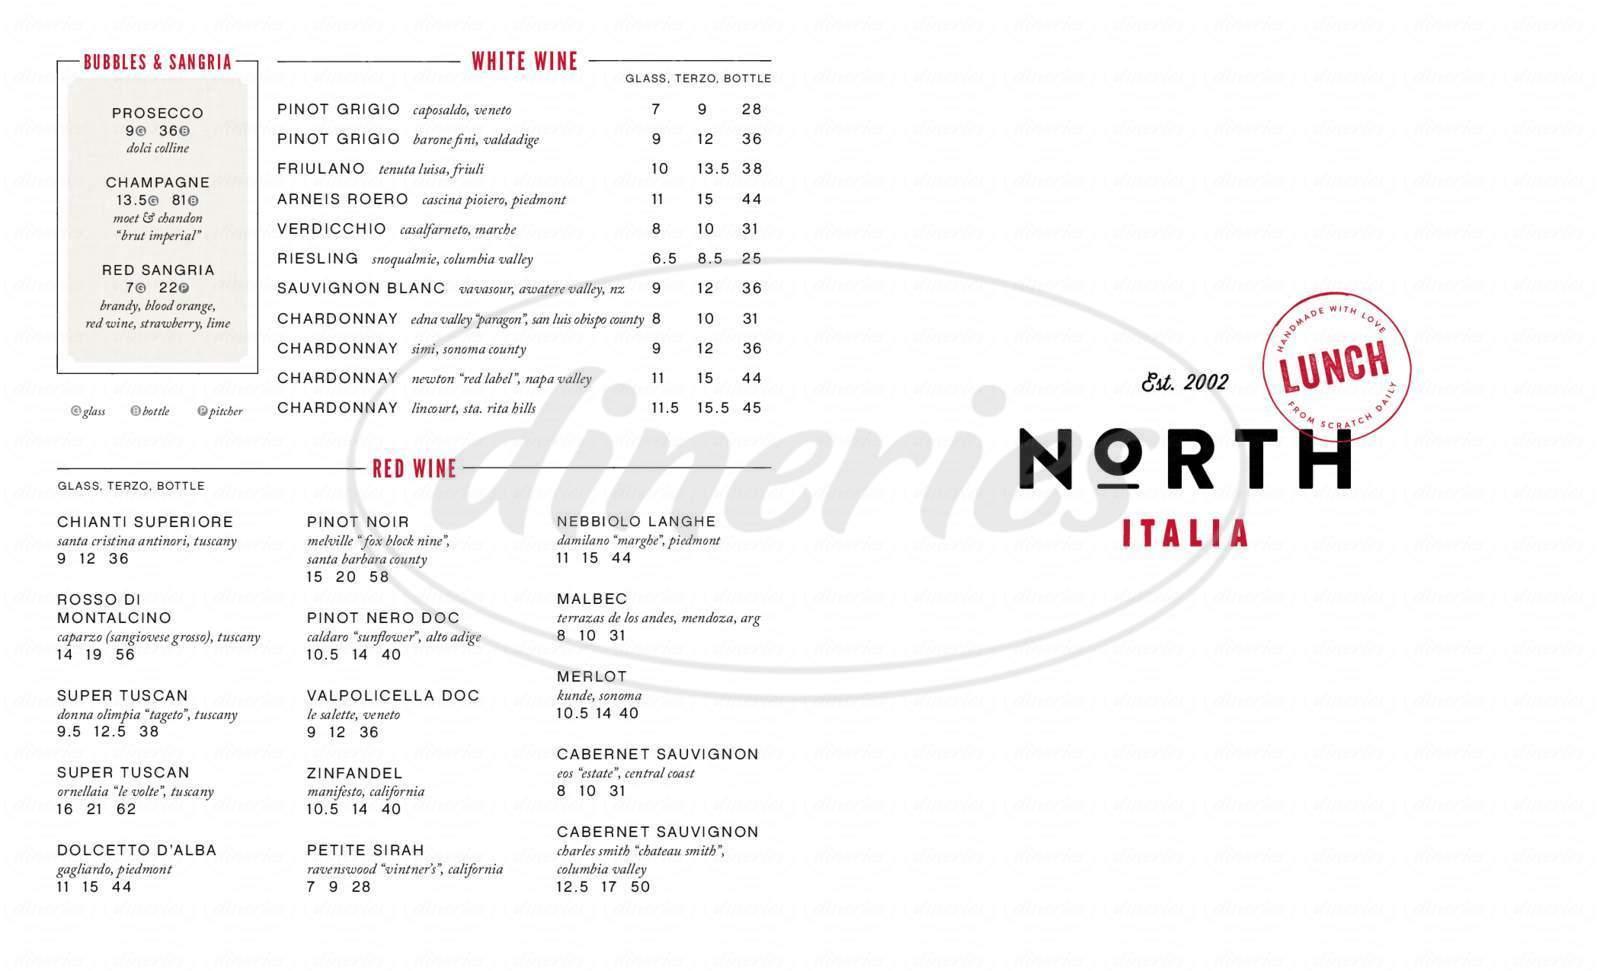 menu for North Italia